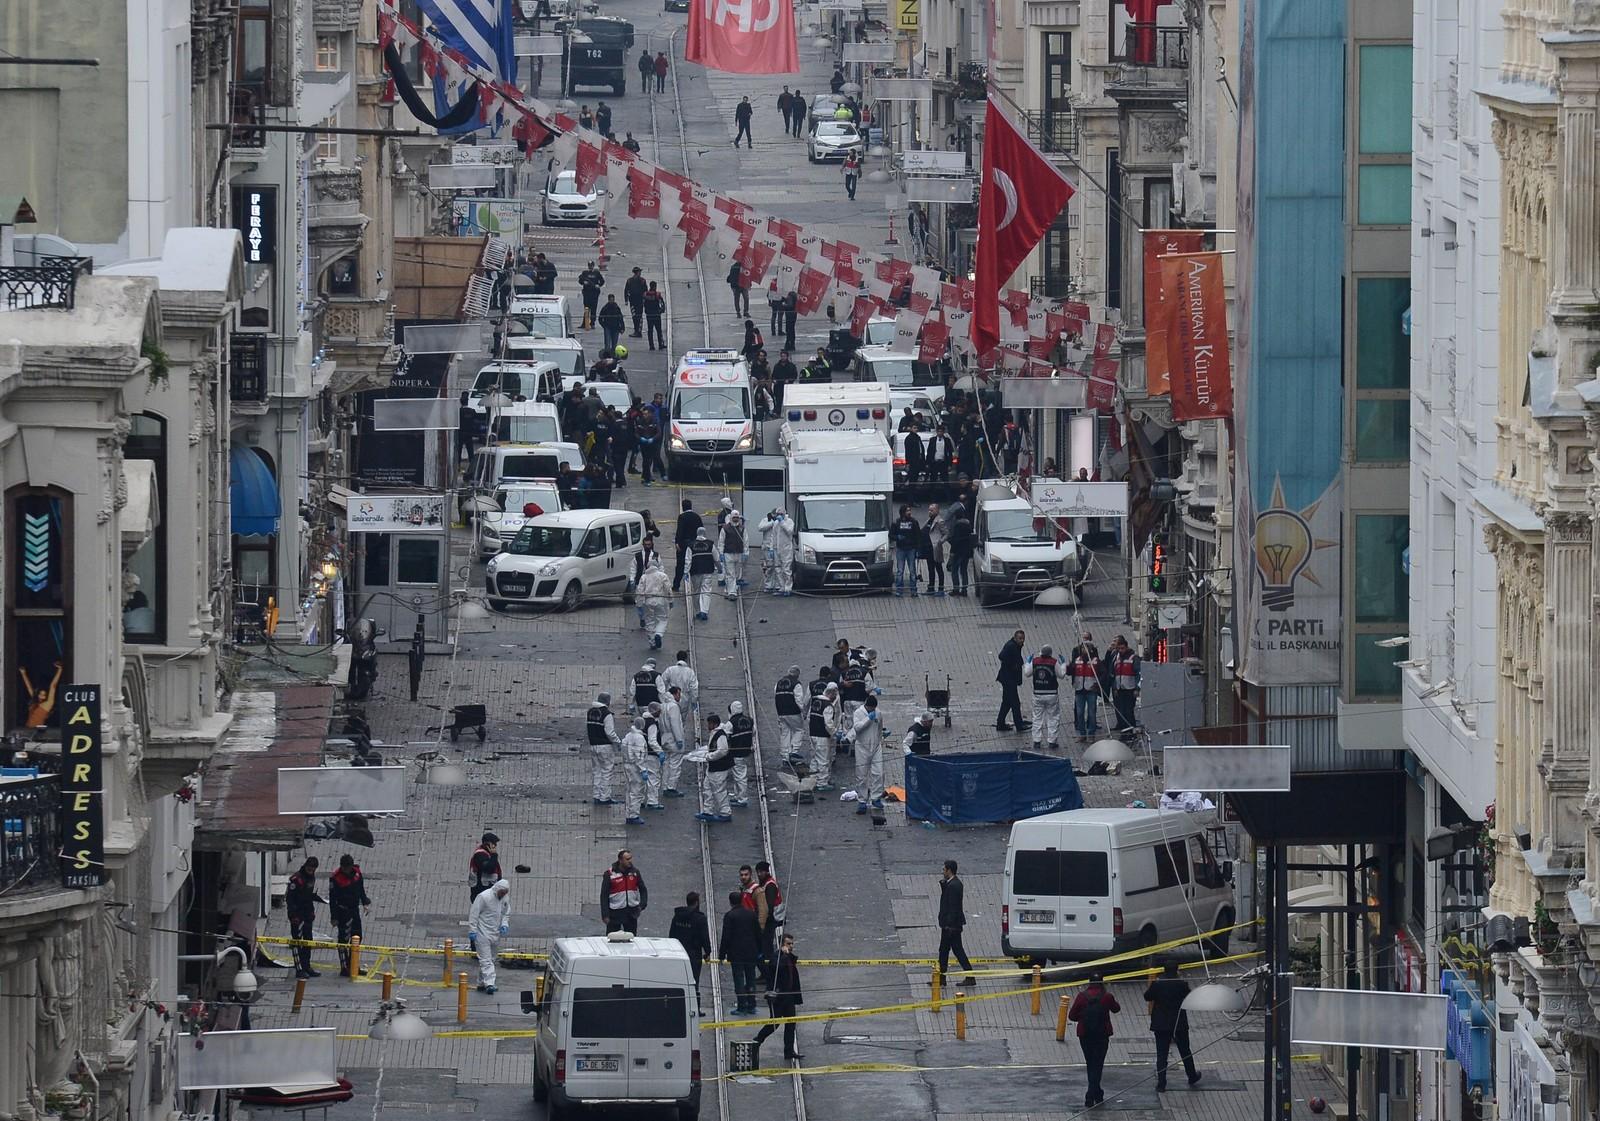 Flere kjøpesentre og butikker som tilhører internasjonale kjeder, ligger i gaten. Bare noen hundre meter unna stedet hvor eksplosjonen ble utløst lørdag, pleier politibusser å stå parkert.